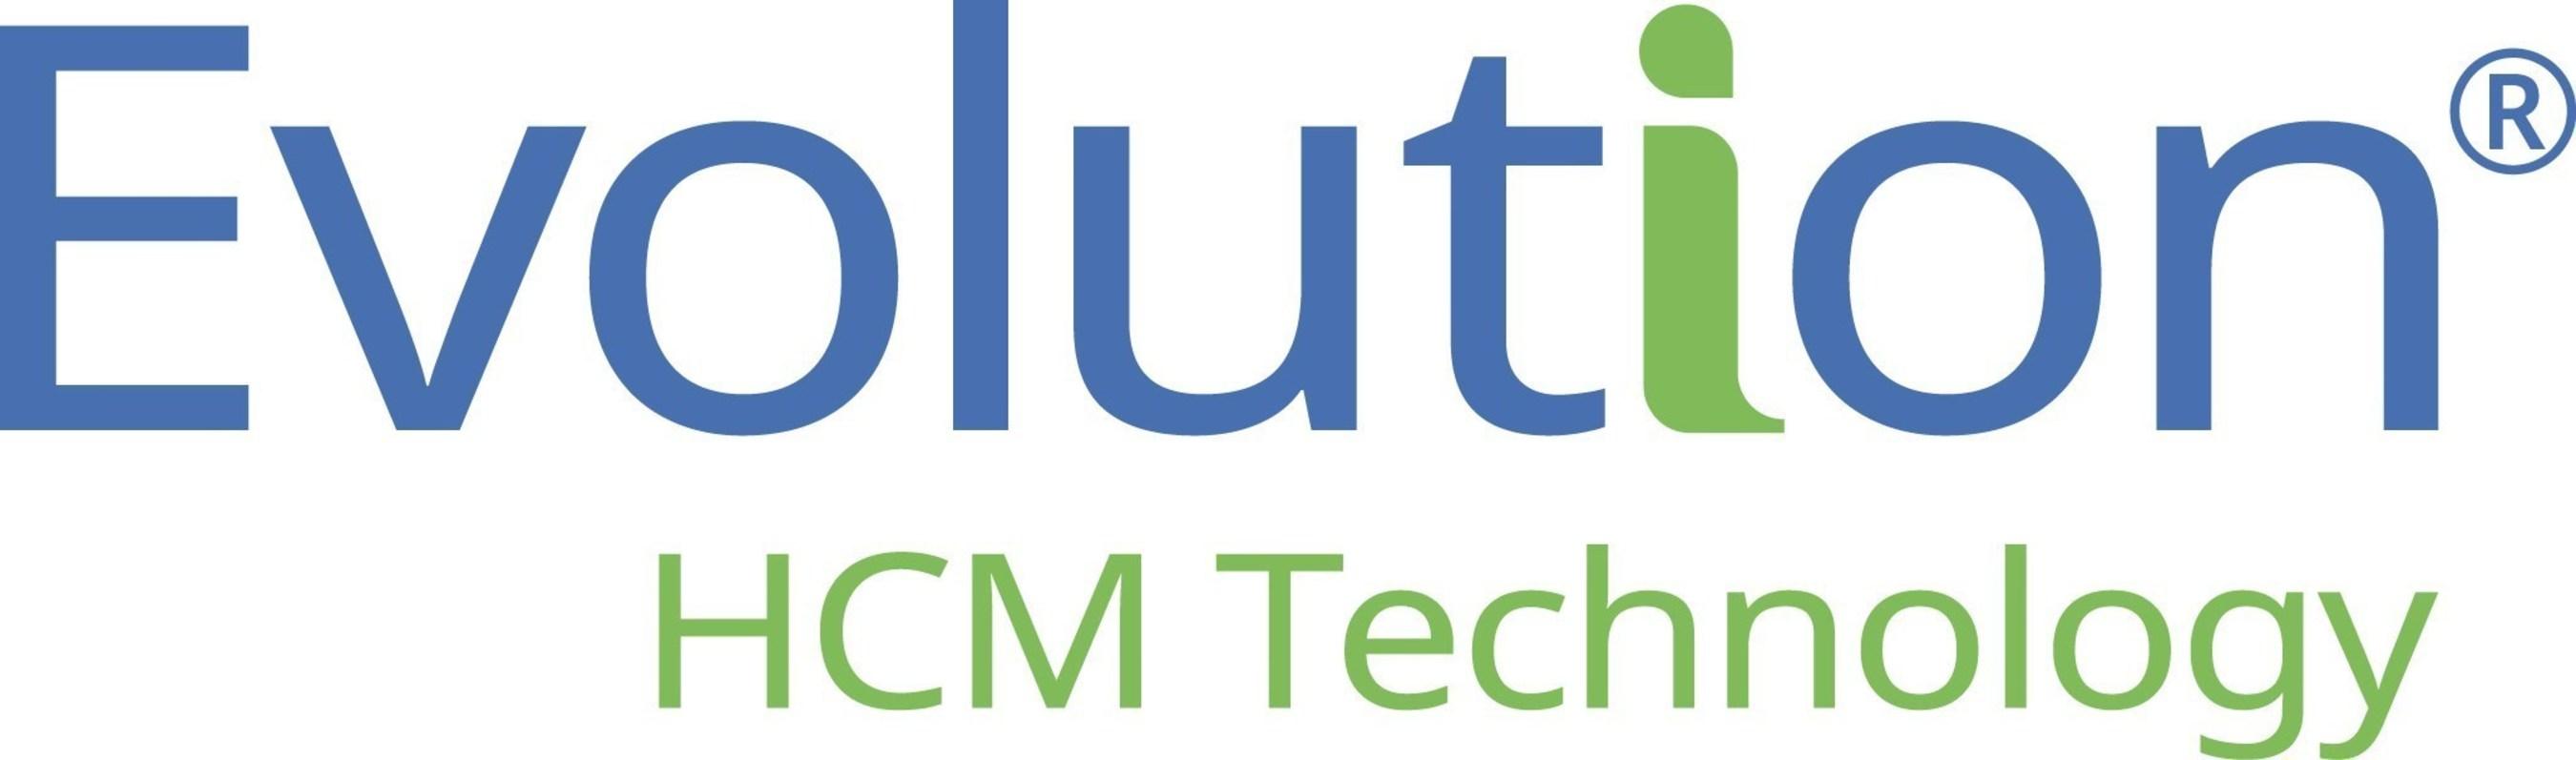 iSystems, LLC Logo